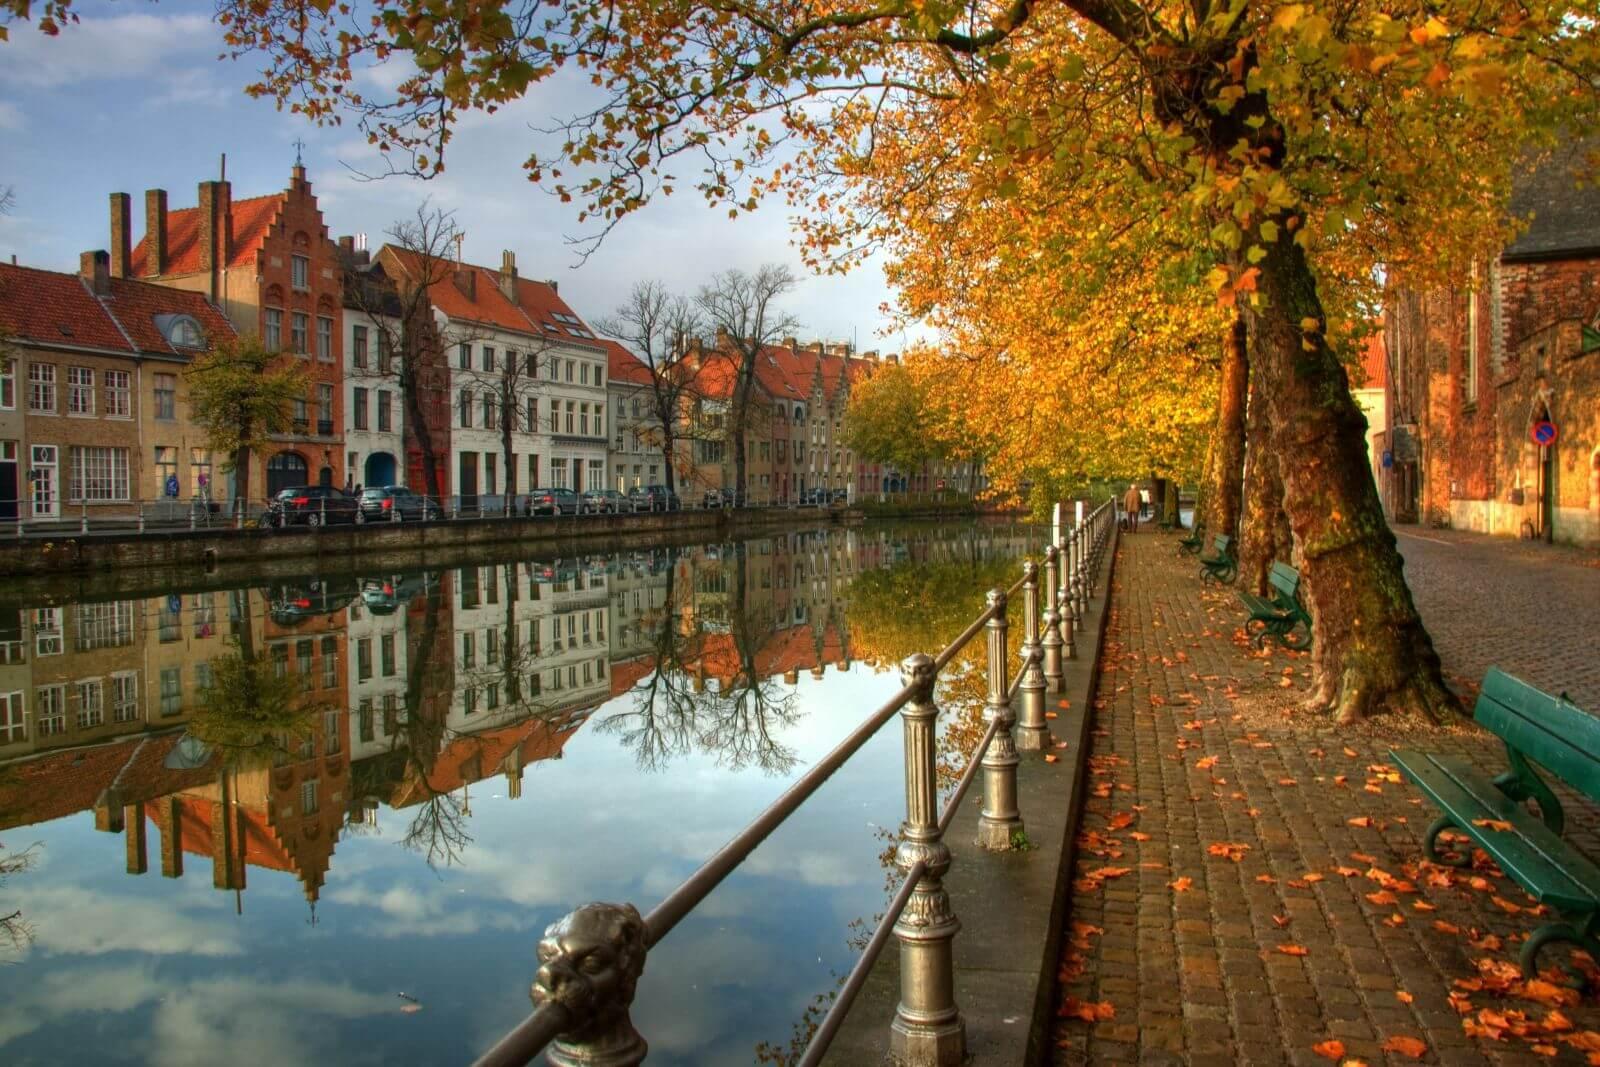 Lý do khiến bạn muốn du học Bỉ bạn cần biết